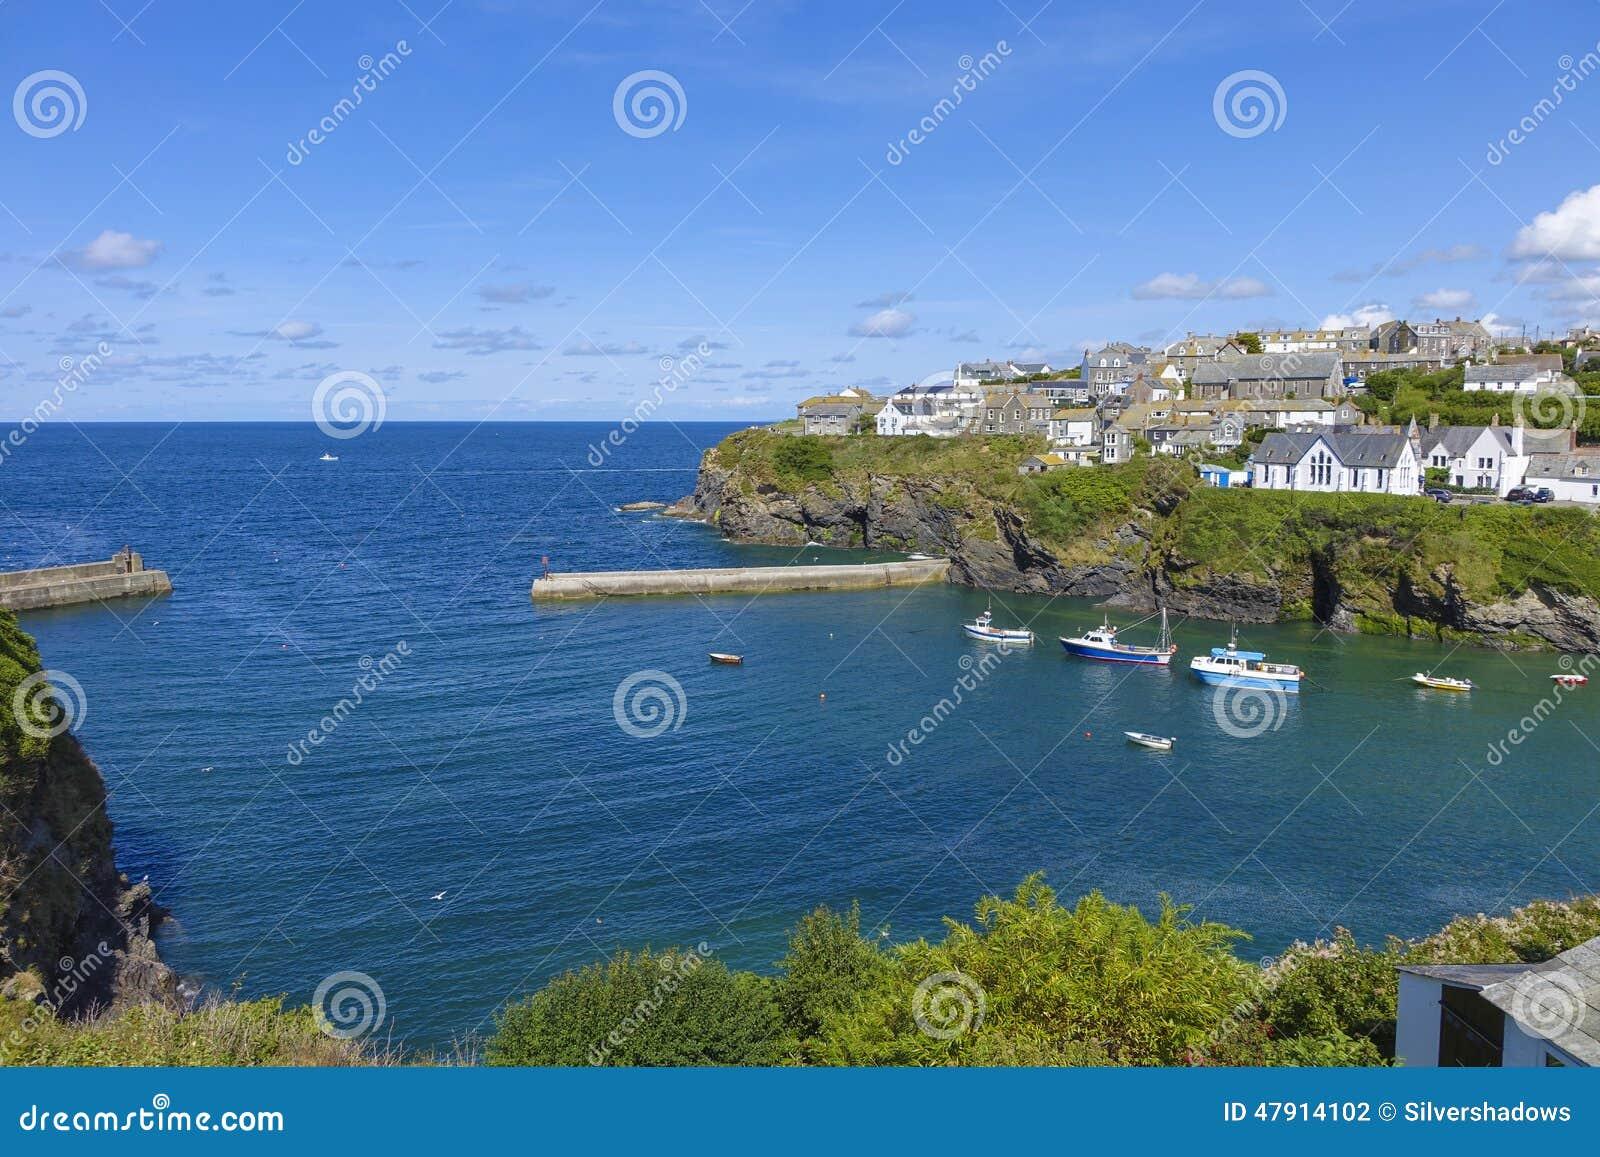 Να κοιτάξει έξω στη θάλασσα στο λιμένα Issac σε ένα καυτό ηλιόλουστο θερινό απόγευμα